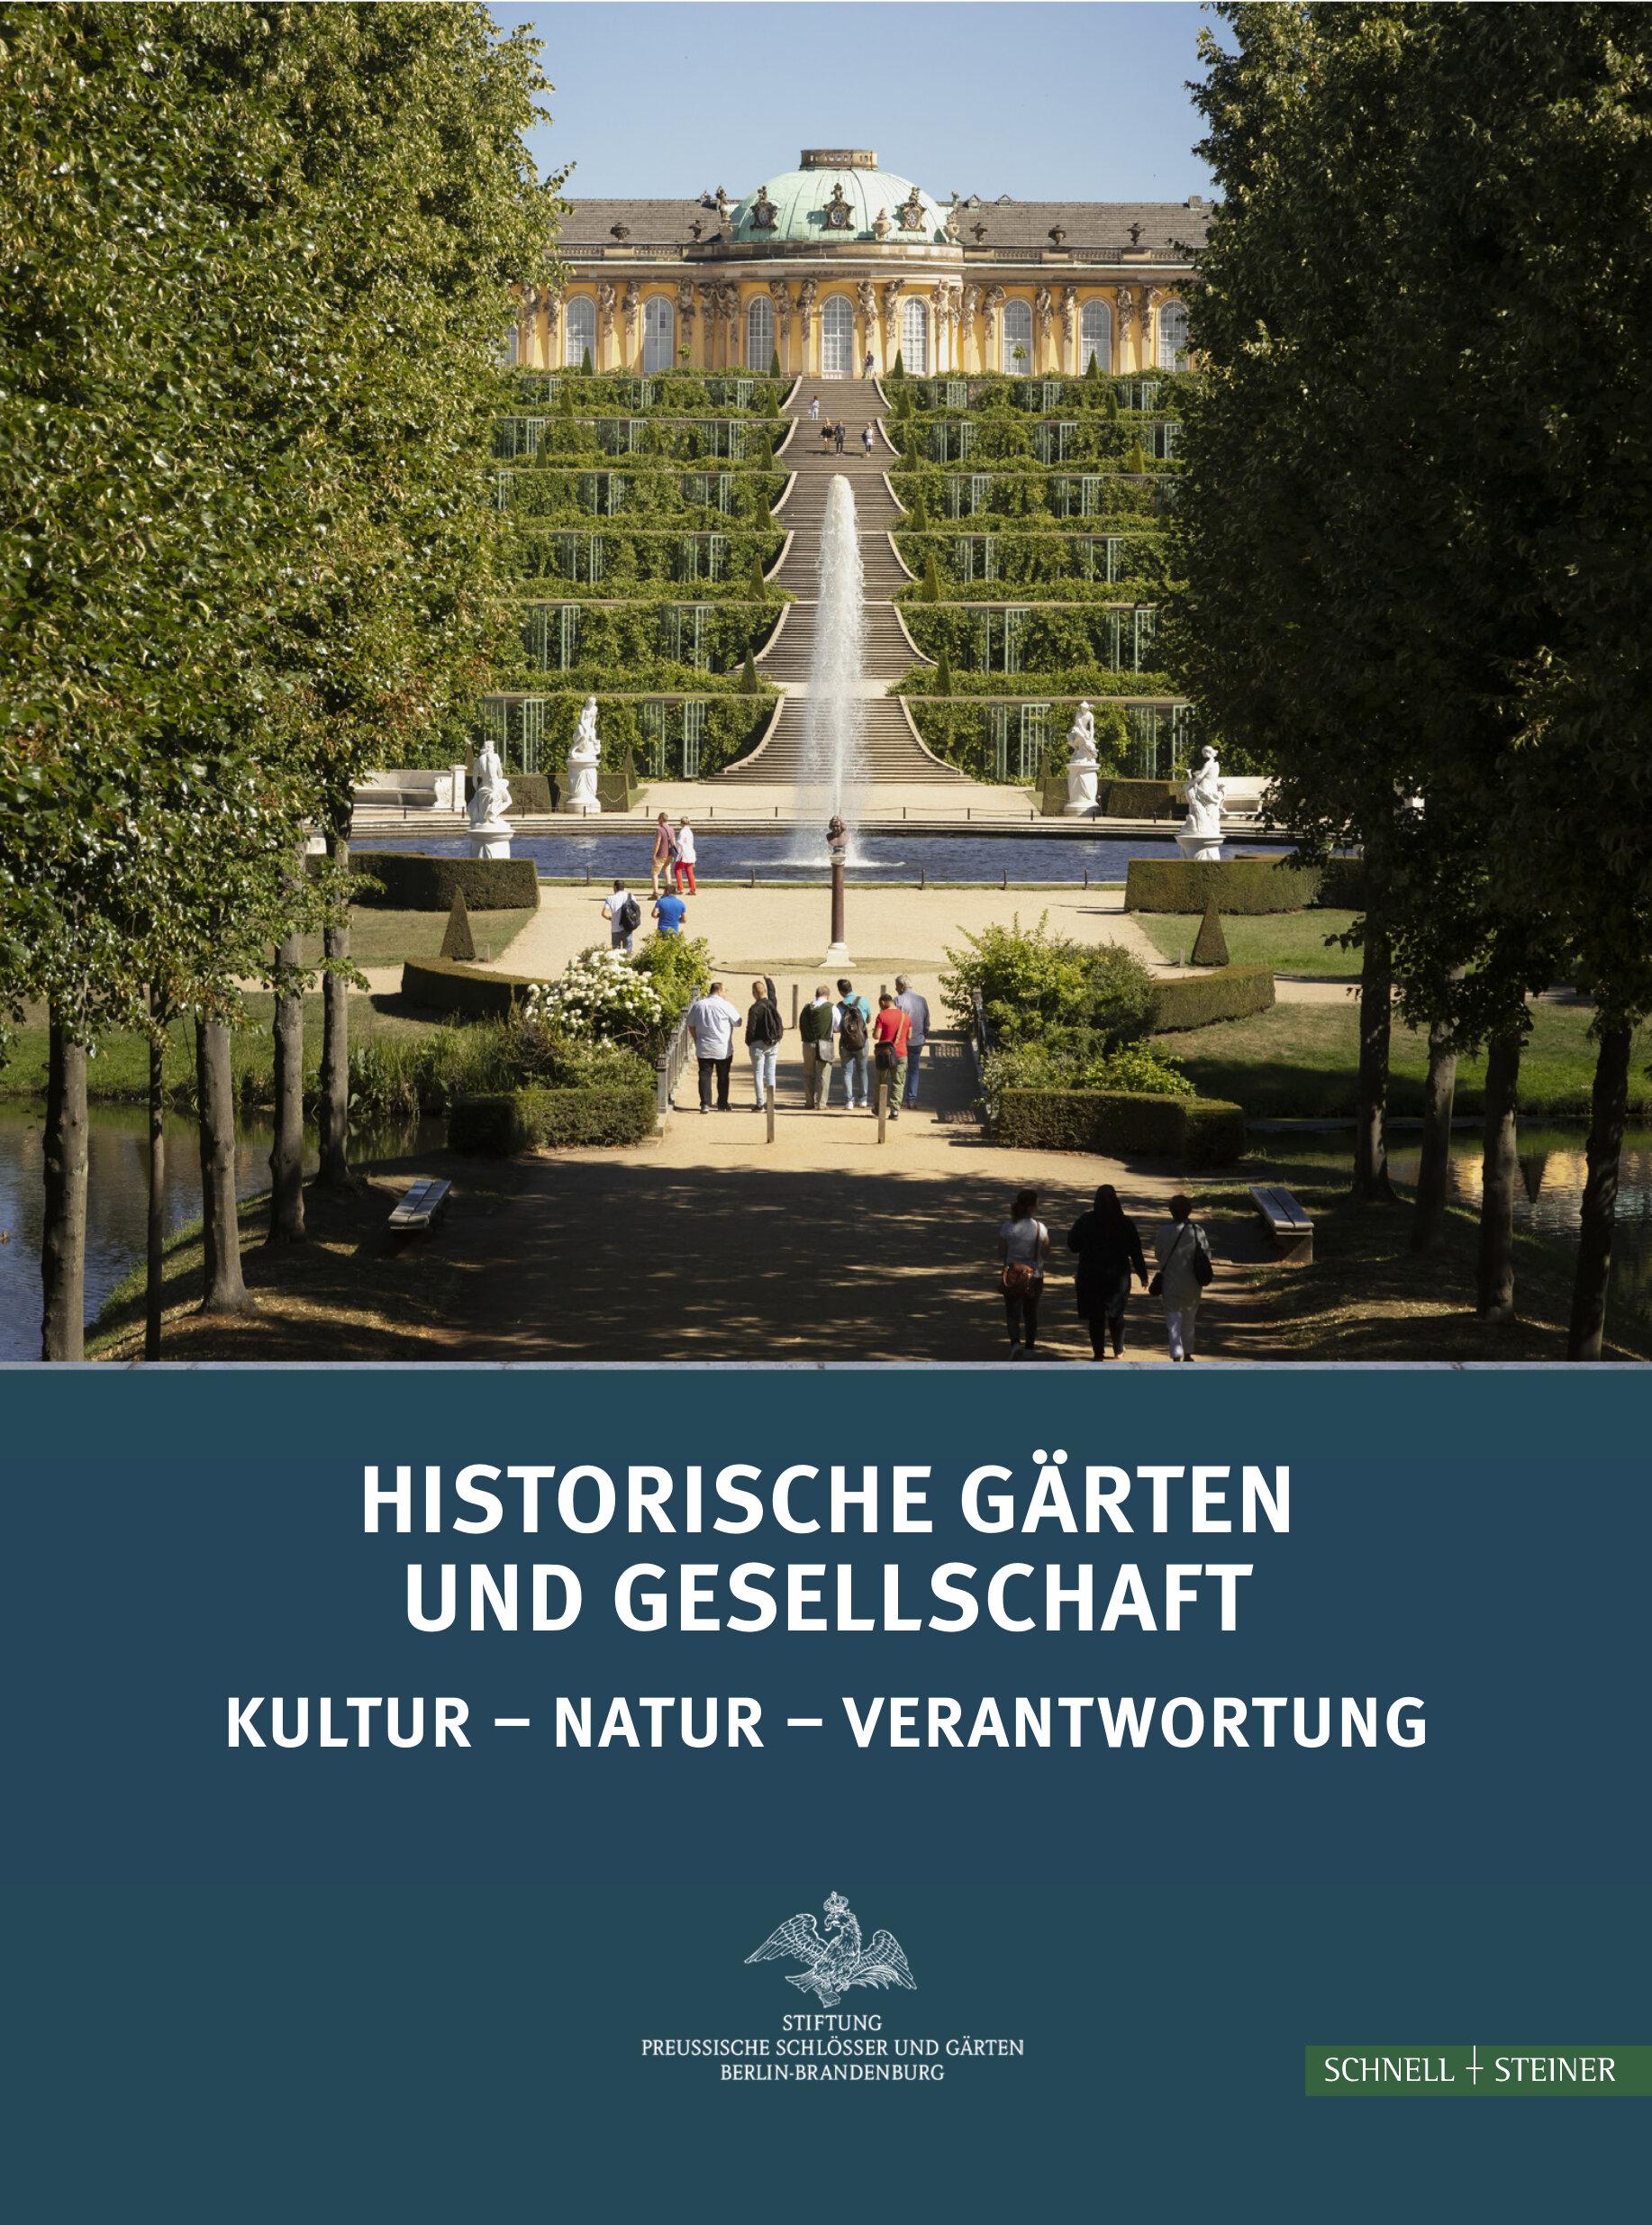 Historische Gärten und Gesellschaft. Kultur – Natur – Verantwortung